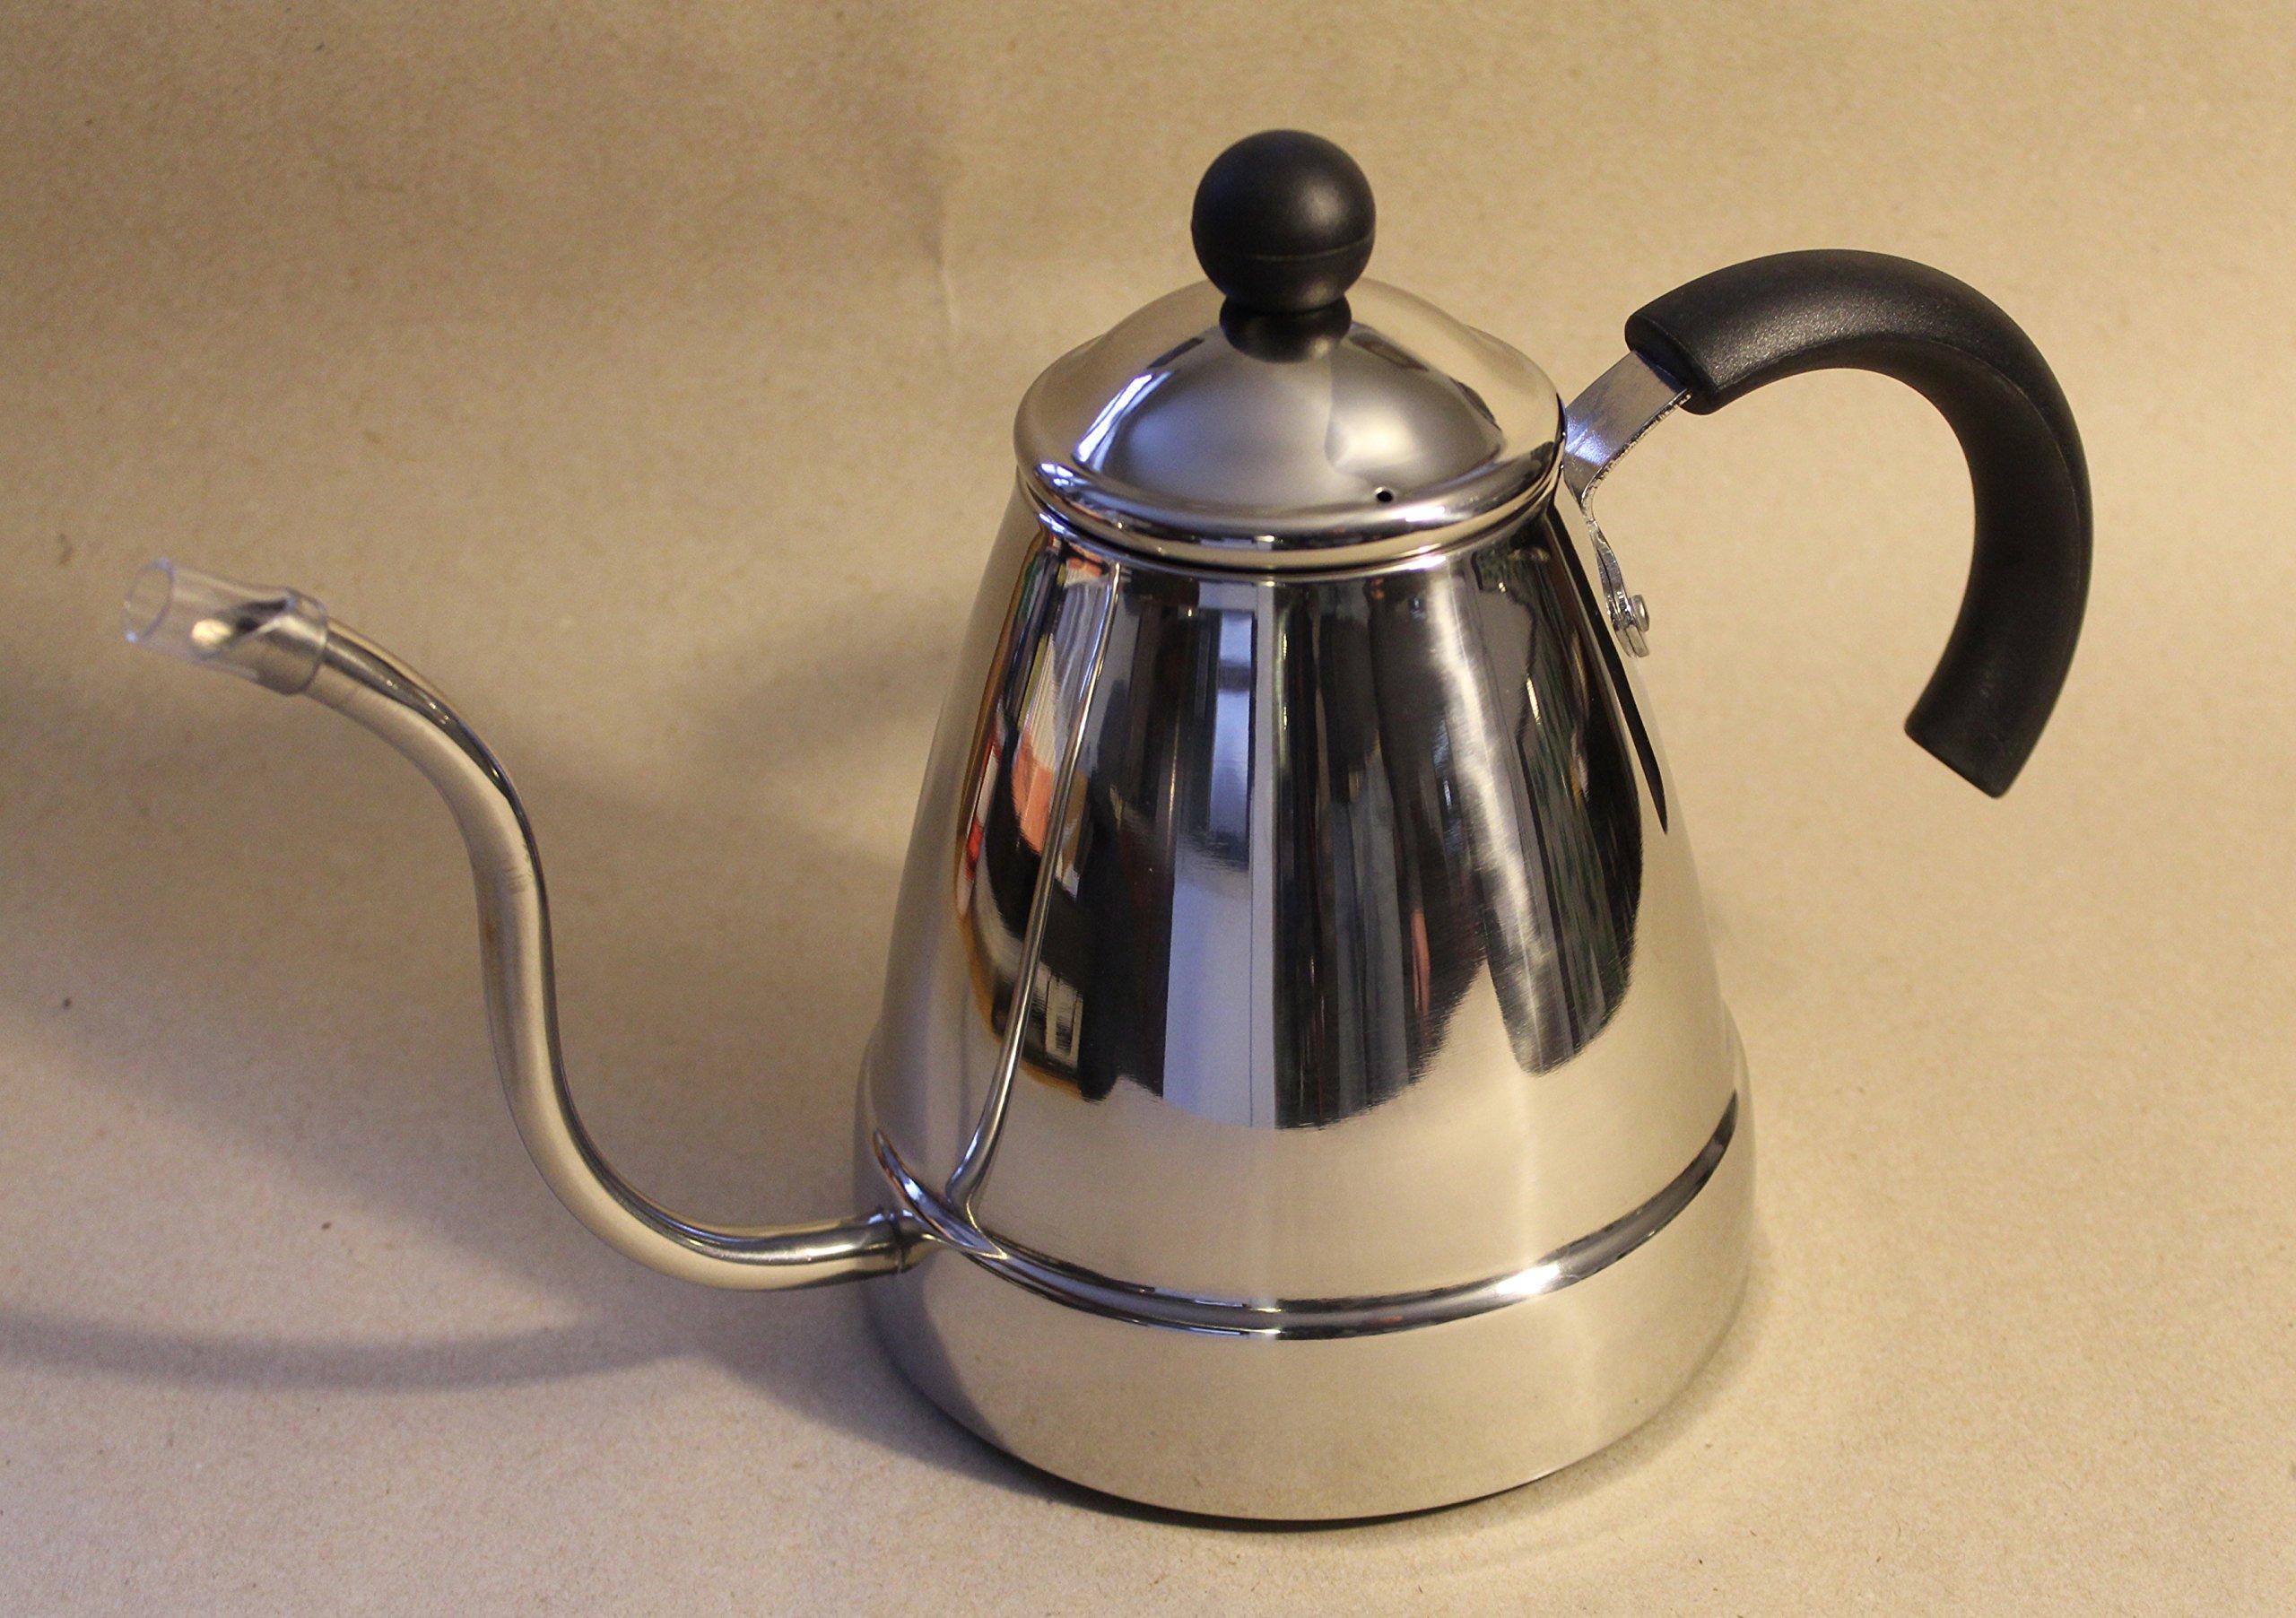 Gooseneck Water Kettle - Stainless Steel - Coffee & Tea - 1.4L, 48 floz